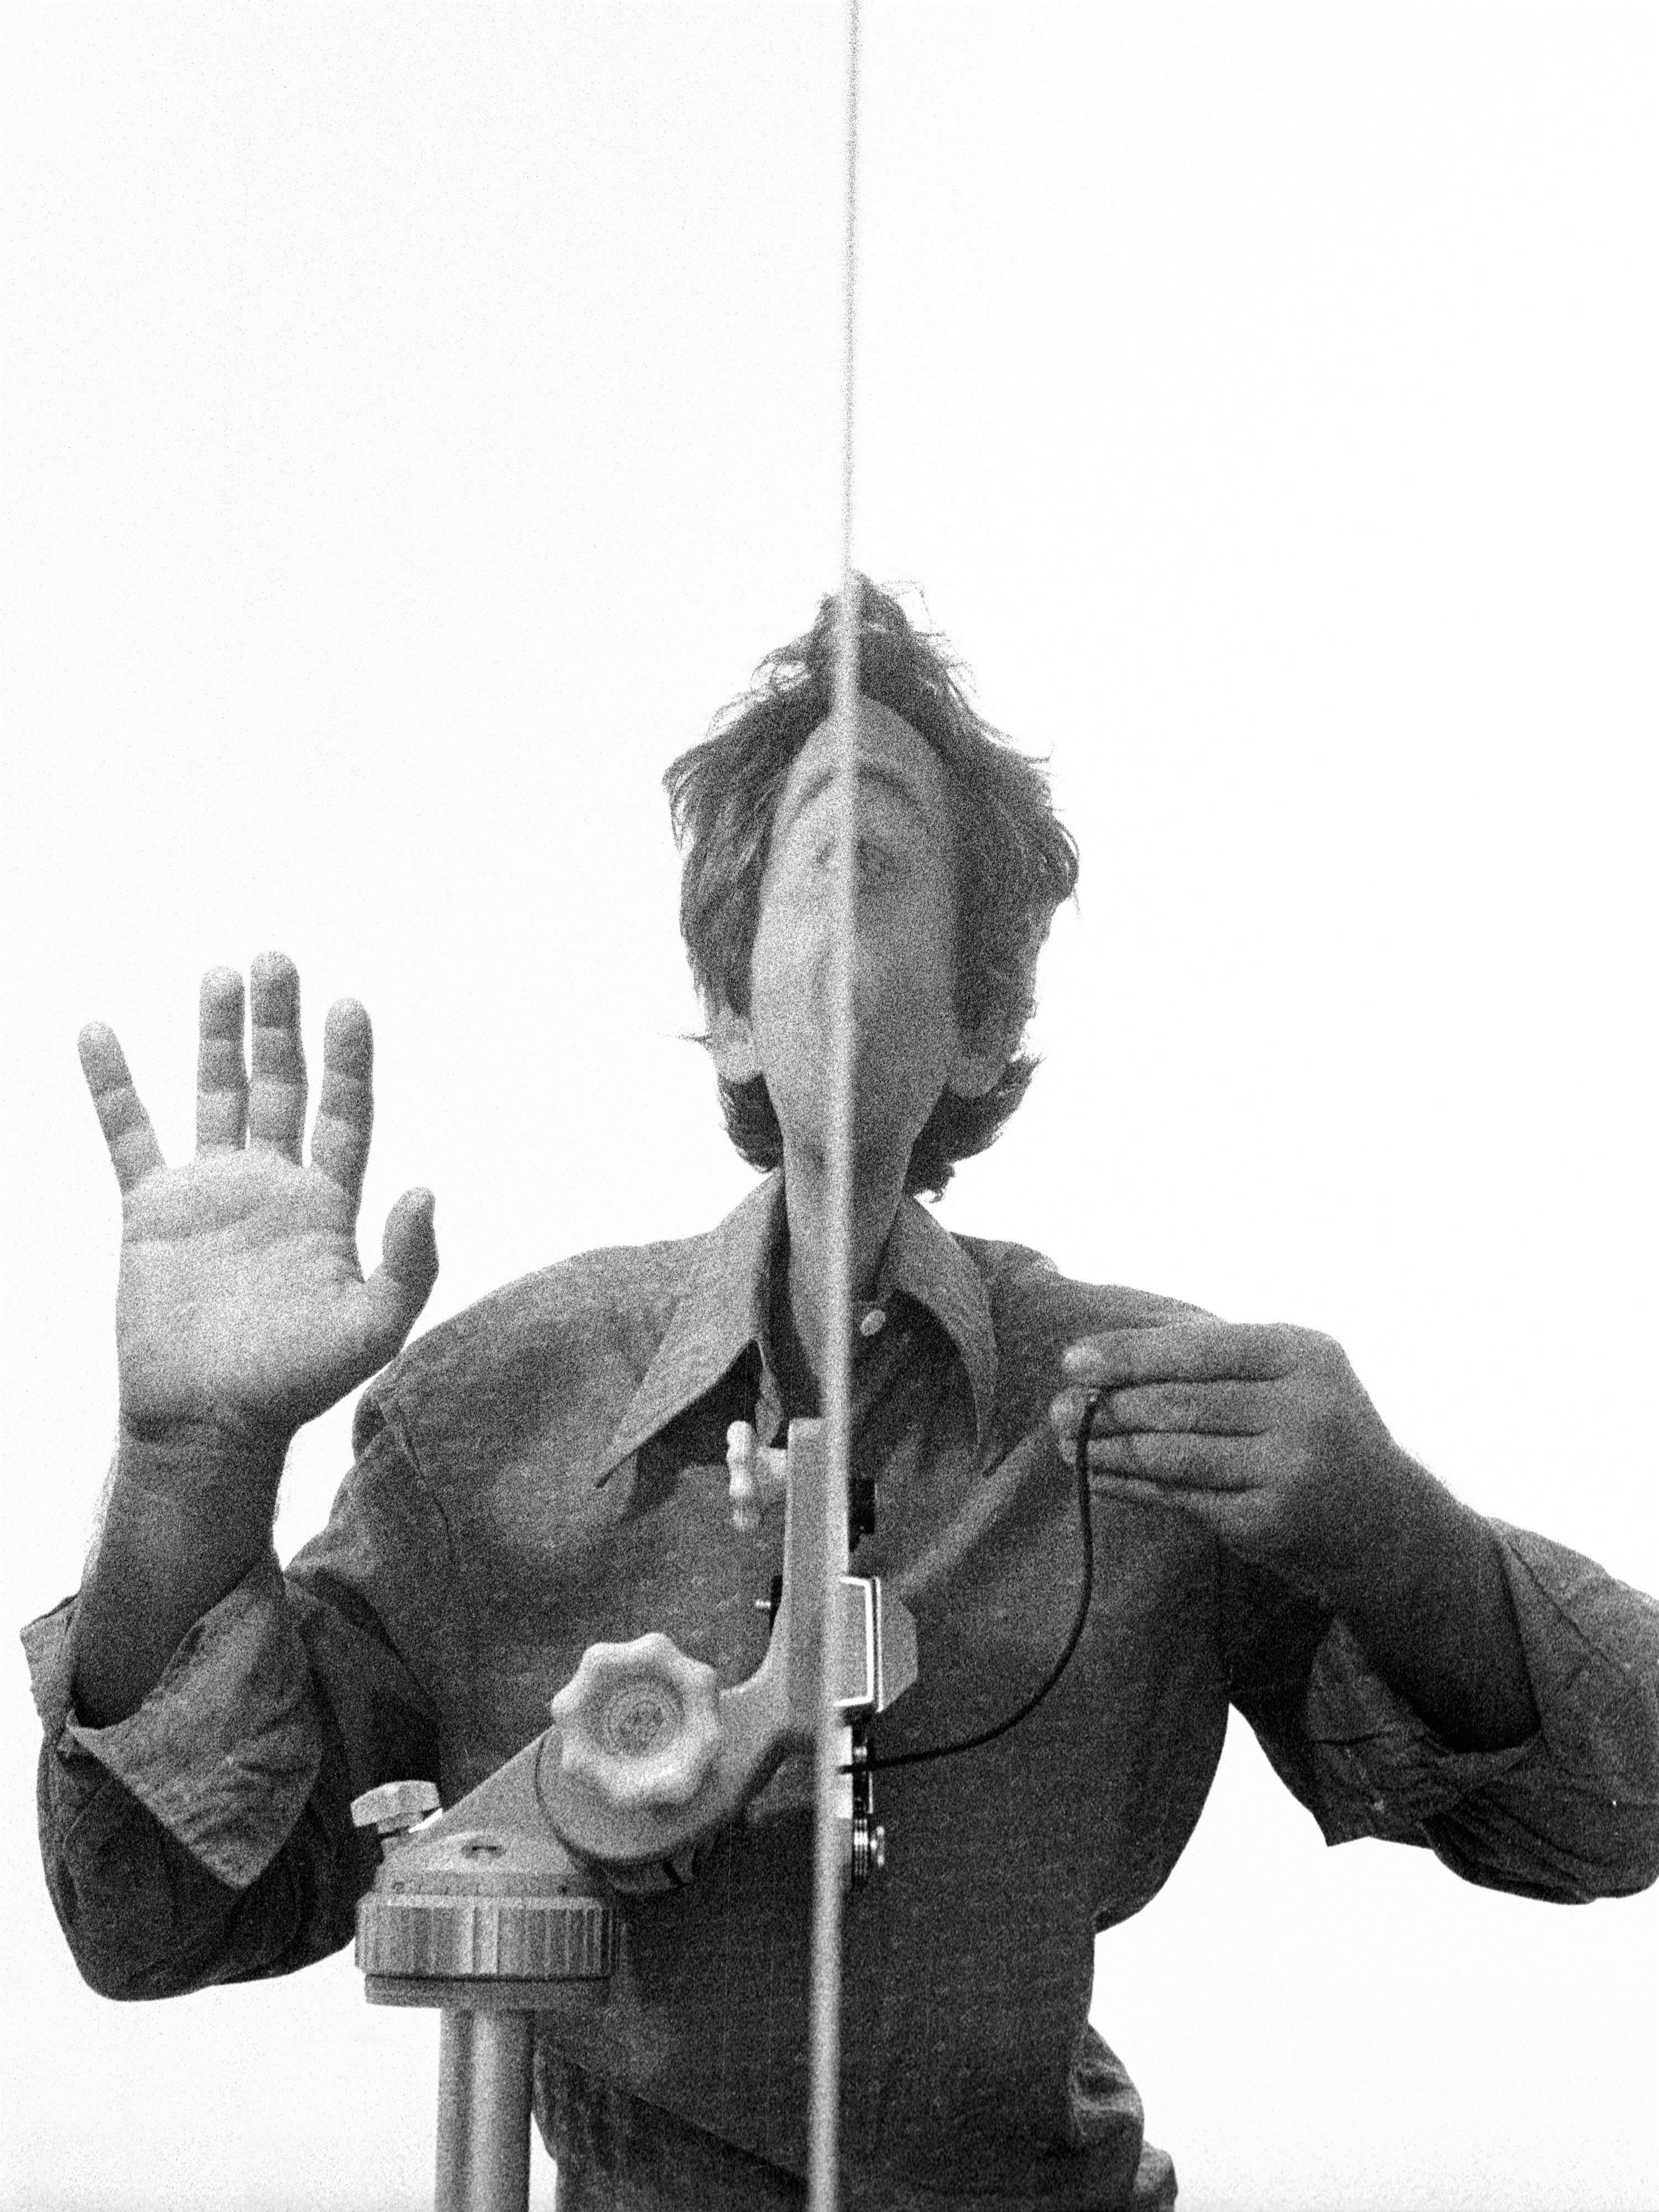 Perneczky Géza, Cyclops, 1975 | Courtesy of Géza Perneczky / Patrick Urwyler (Chimera-Project)